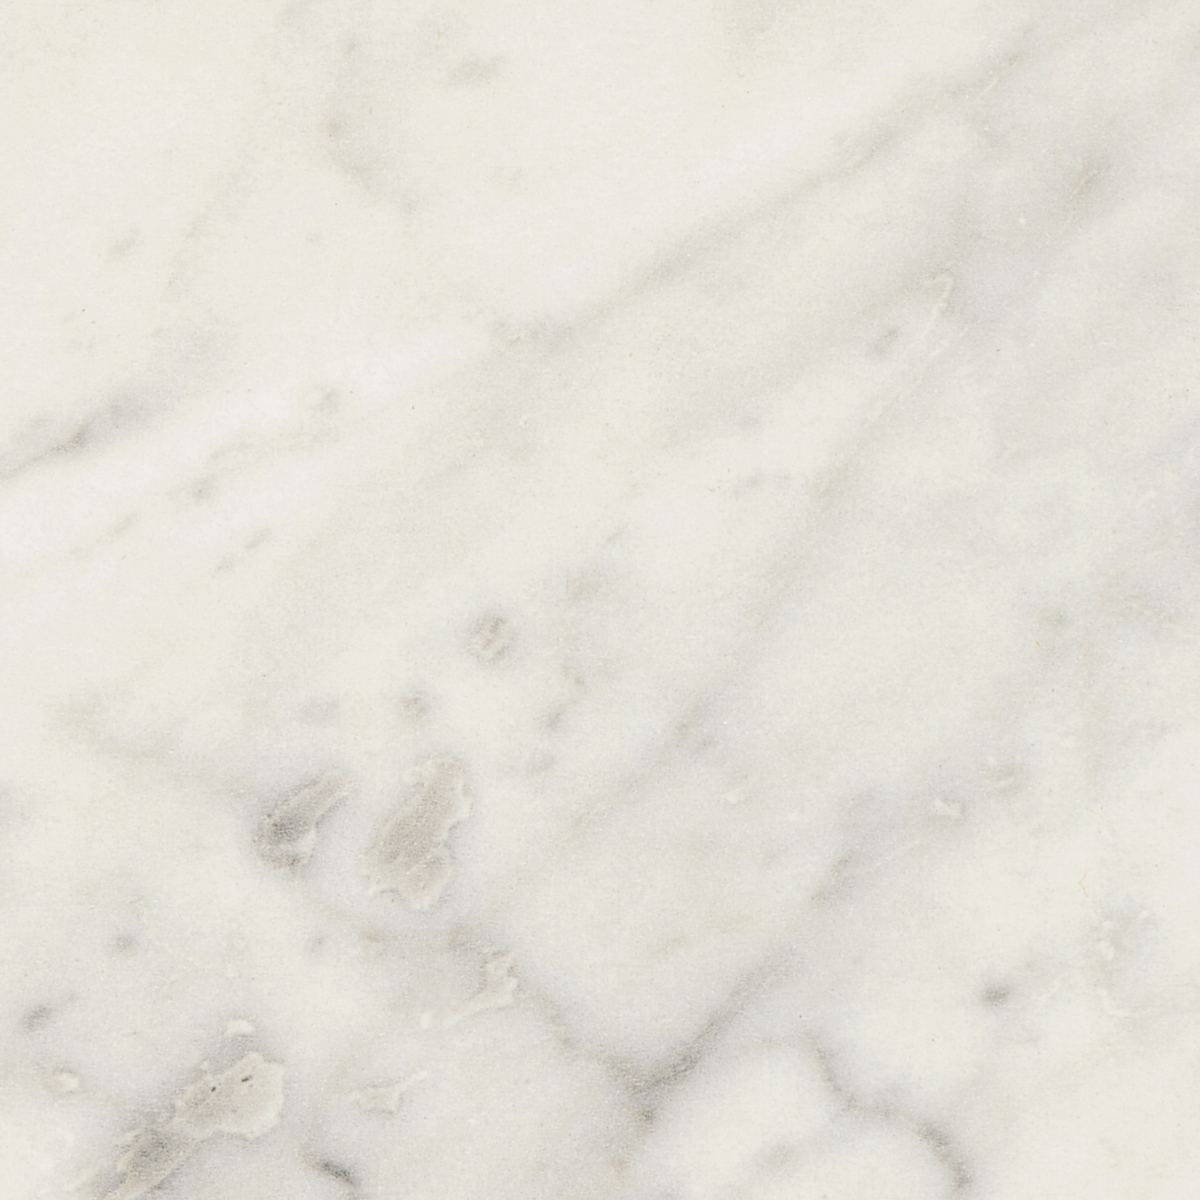 6696 Carrara Bianco - Formica